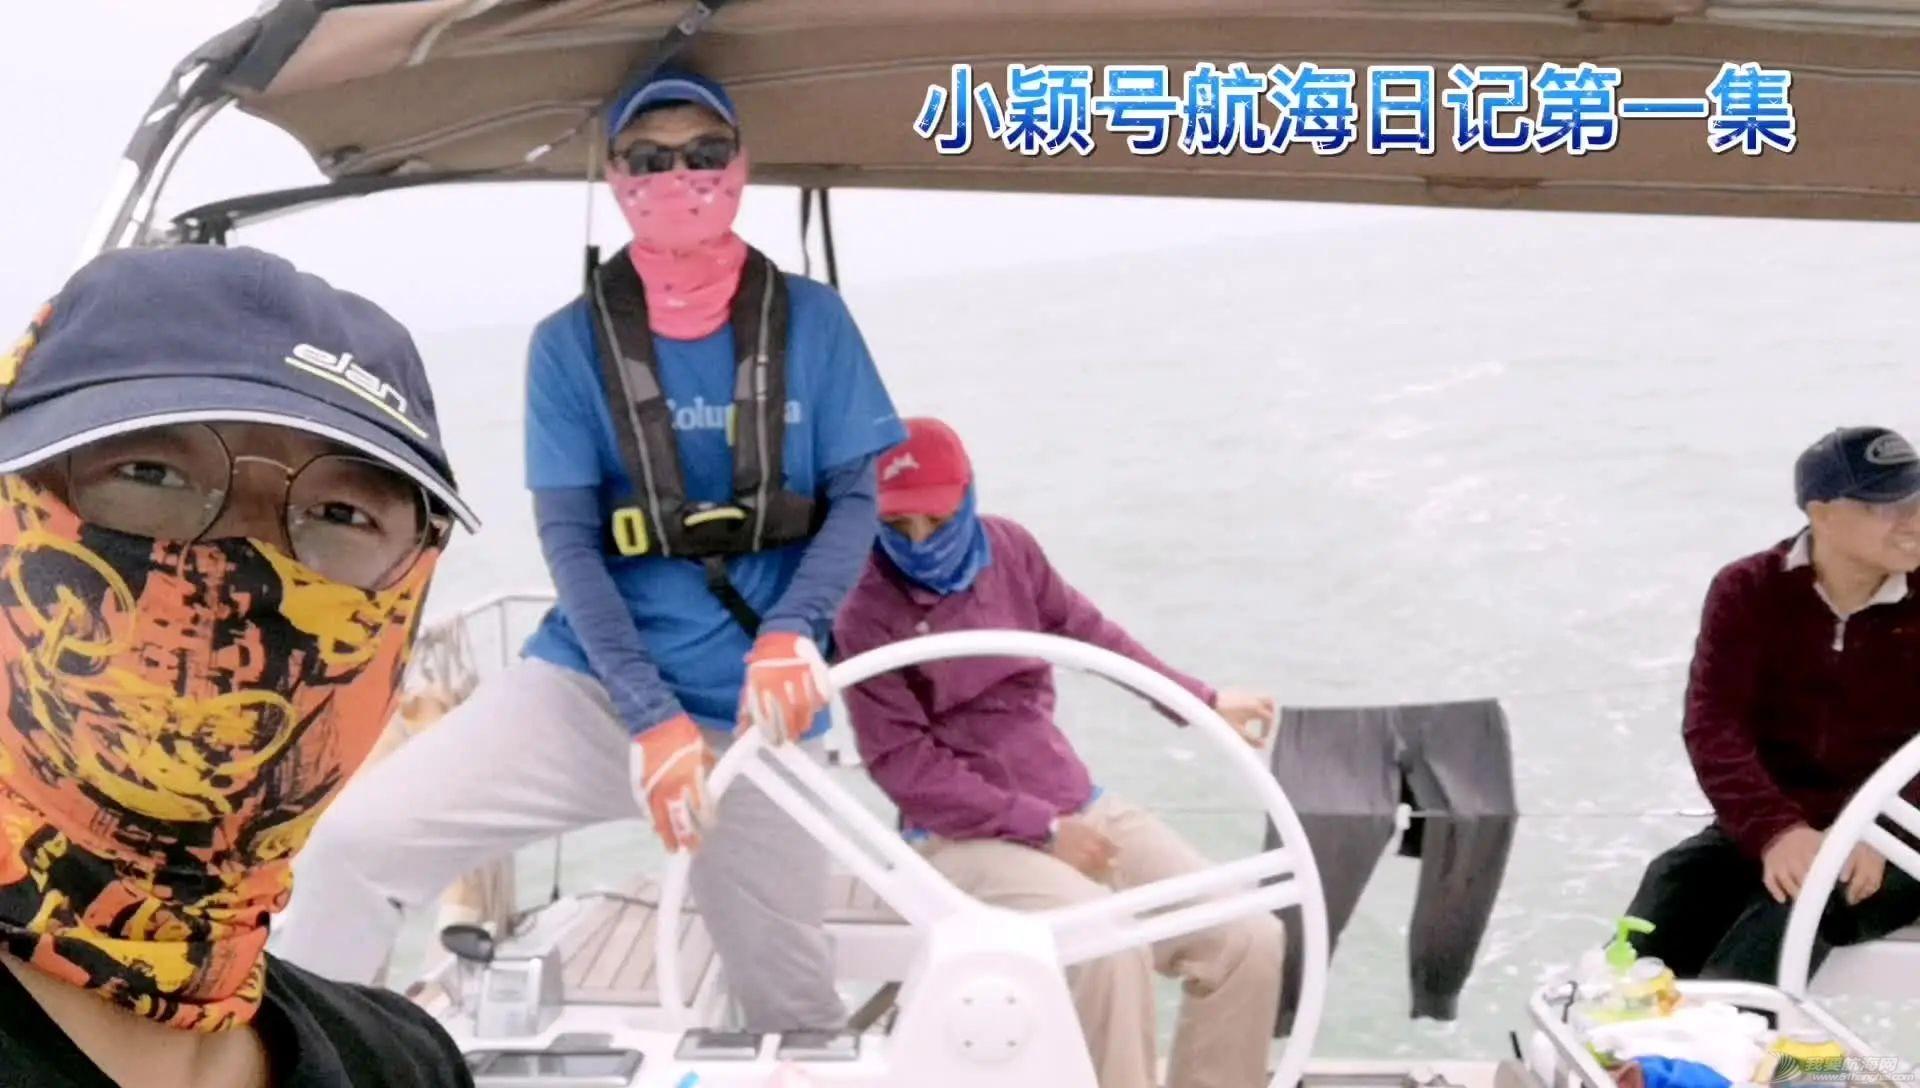 国庆海上不堵车,一起去航海吧!小颖号探秘东极岛w11.jpg